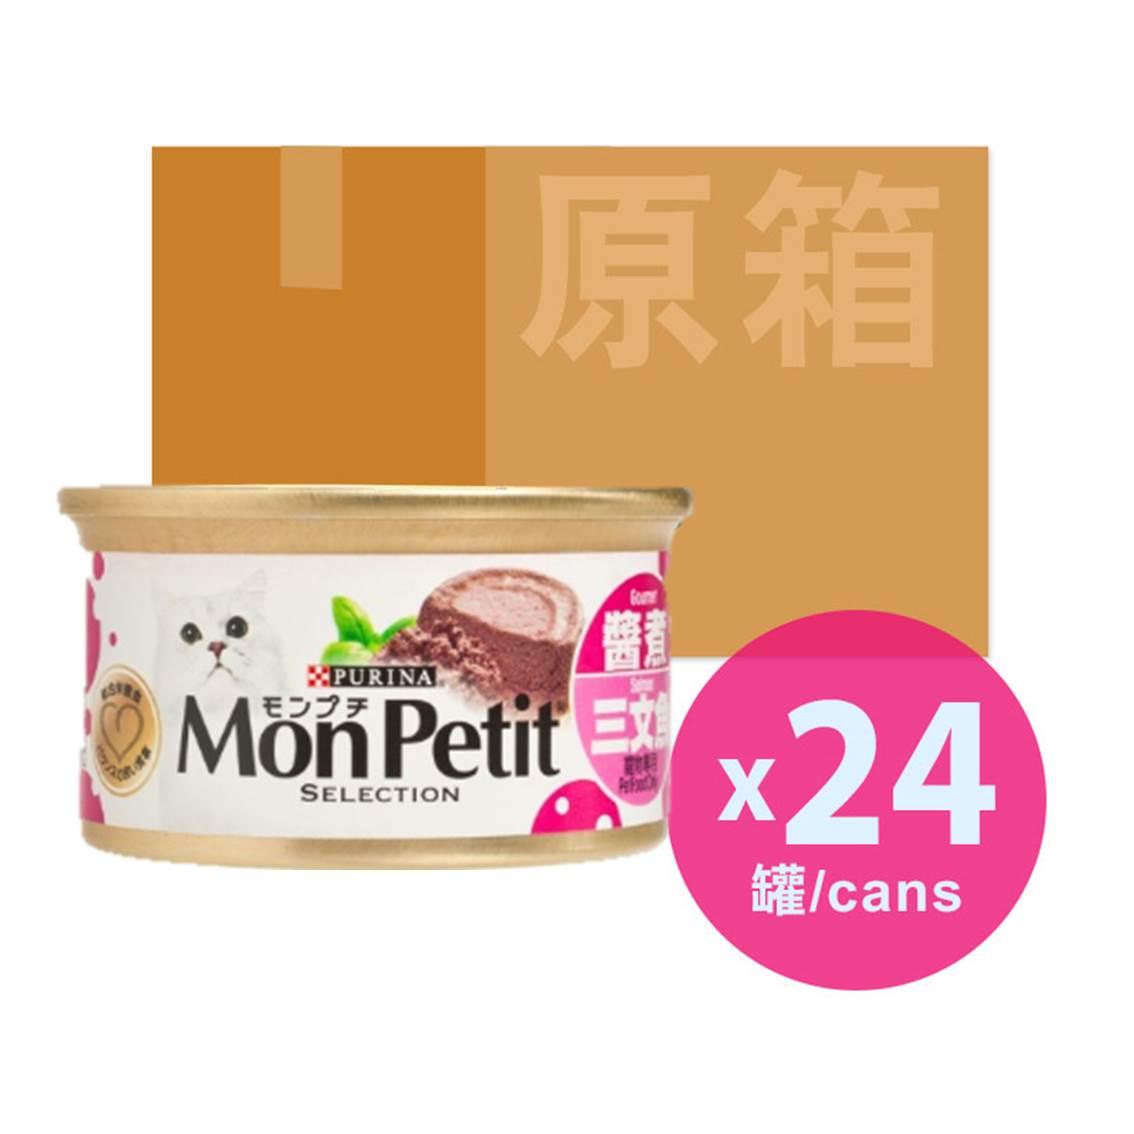 MON PETIT原箱至尊醬煮香汁三文魚24X85G